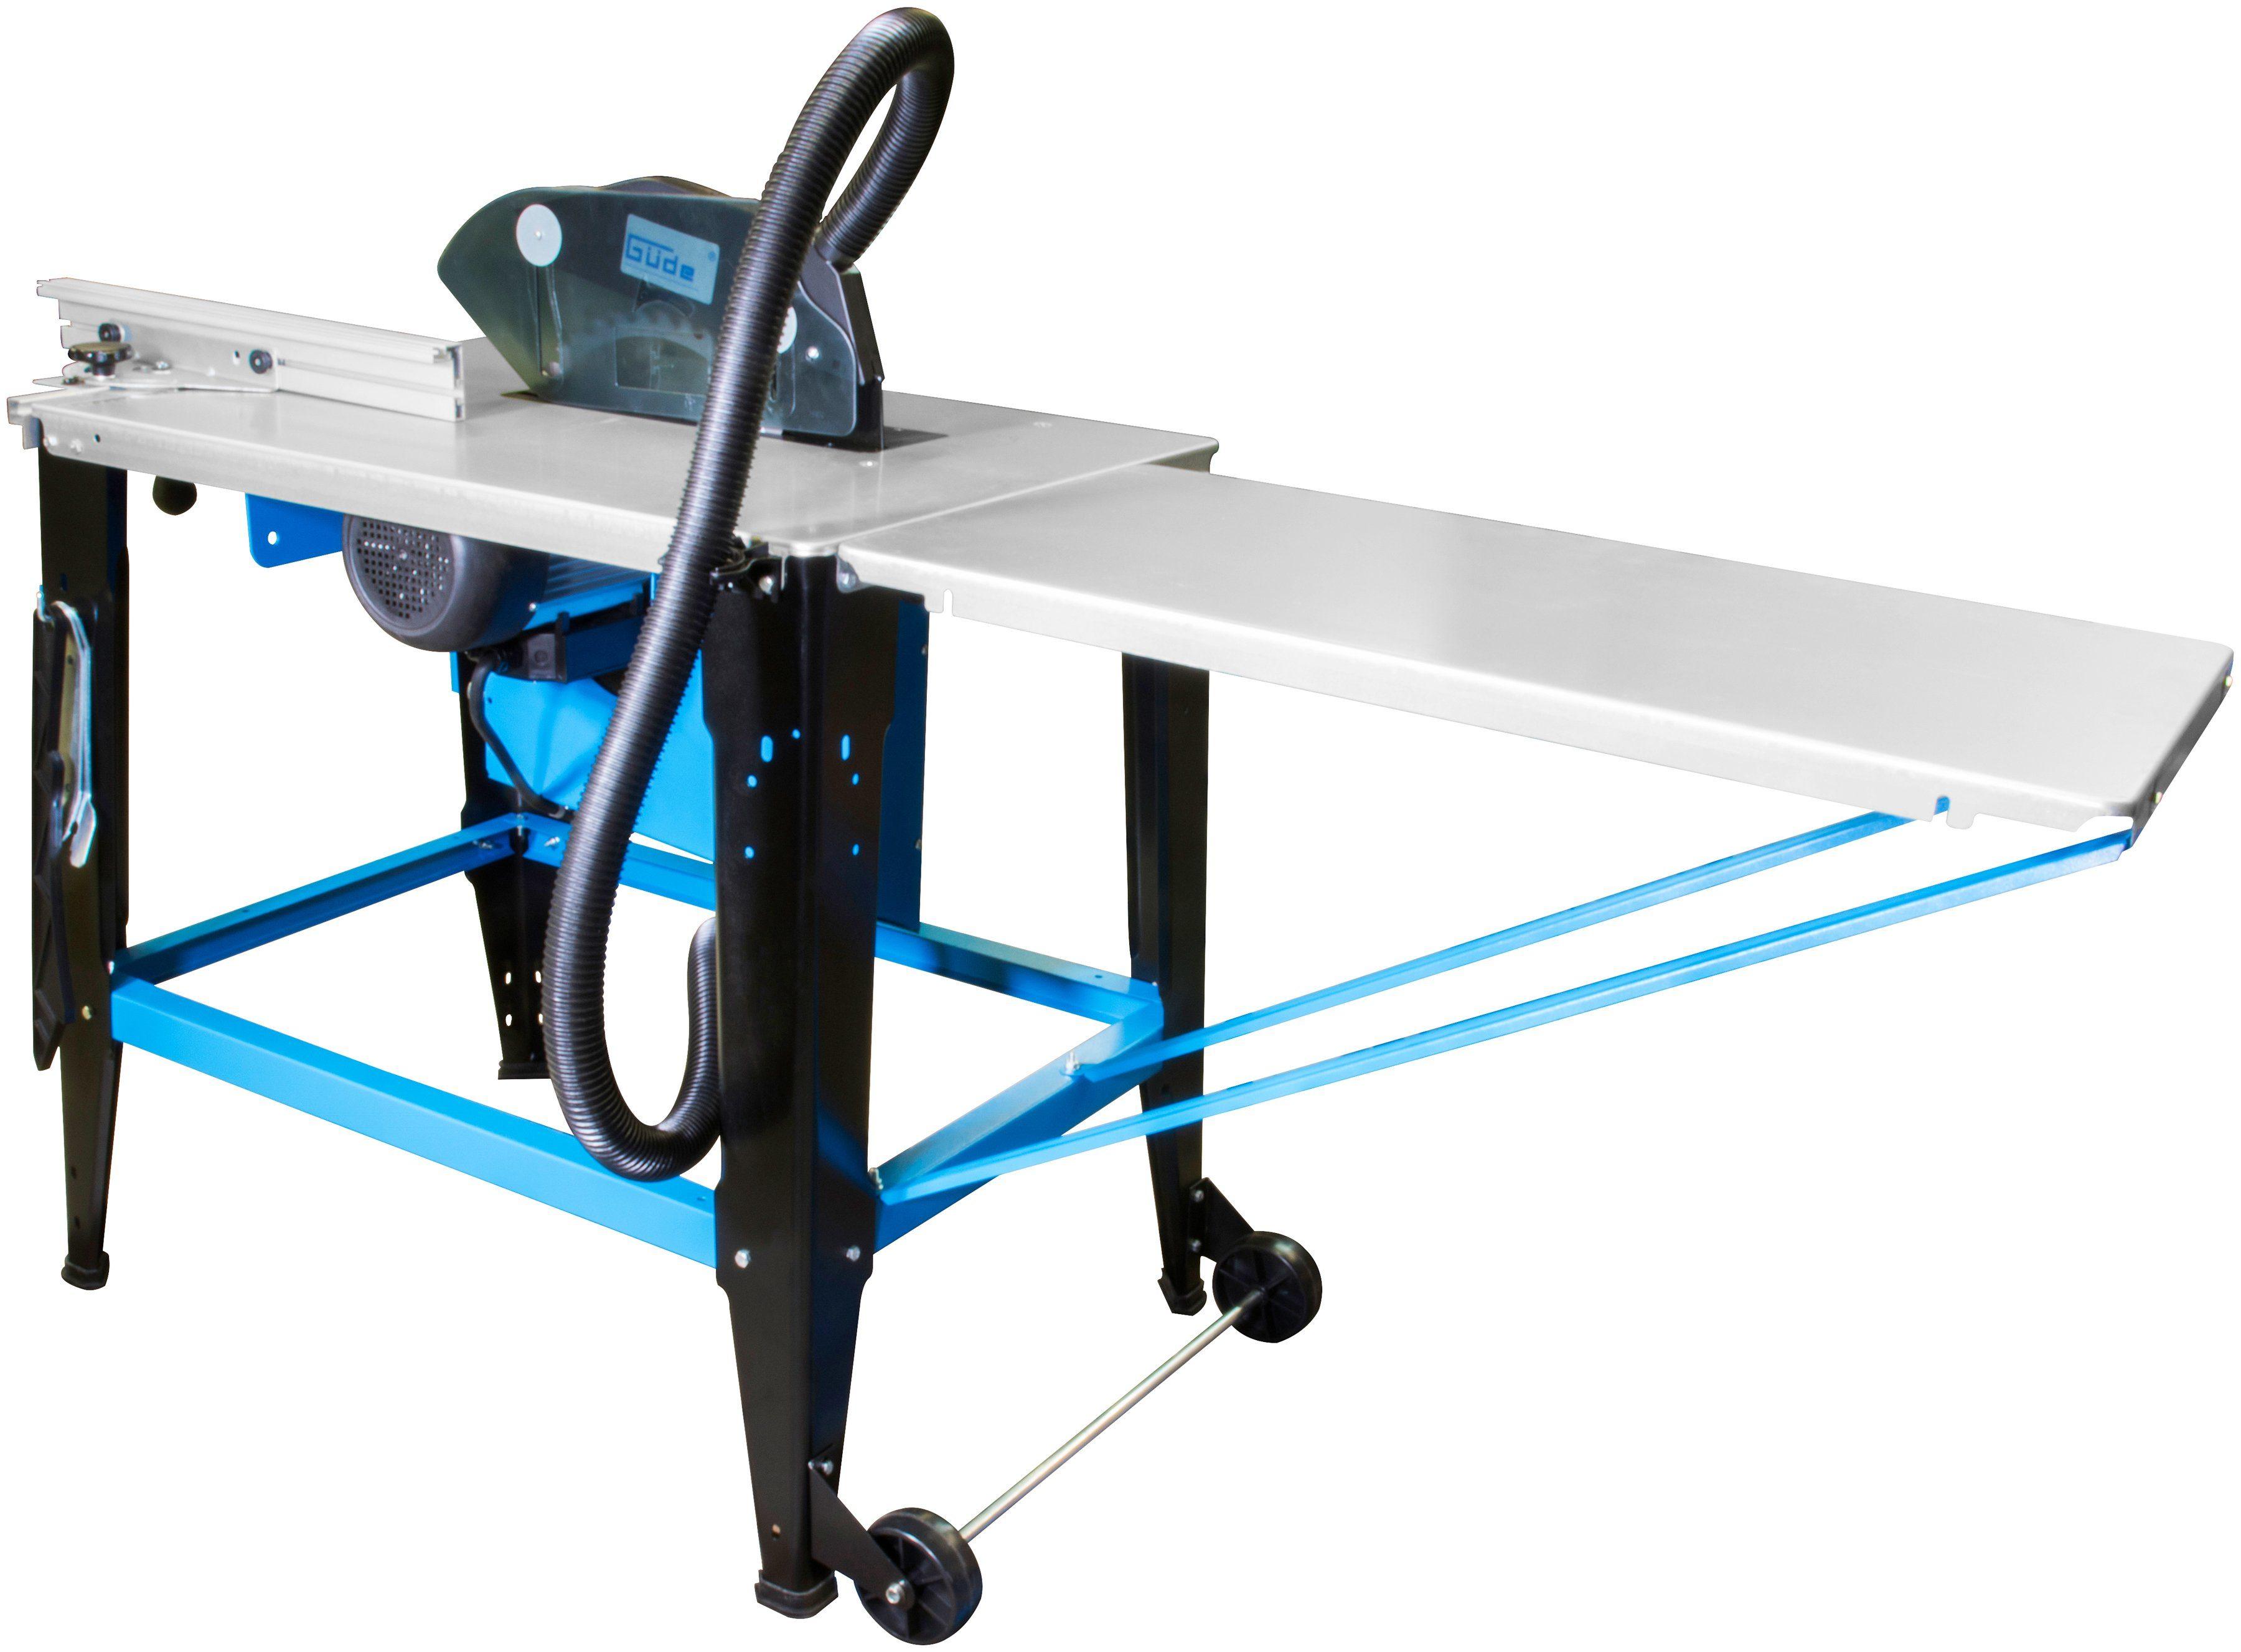 GÜDE Tischkreissäge »GTKS 315«, 230 V, 2000 W, 315 mm